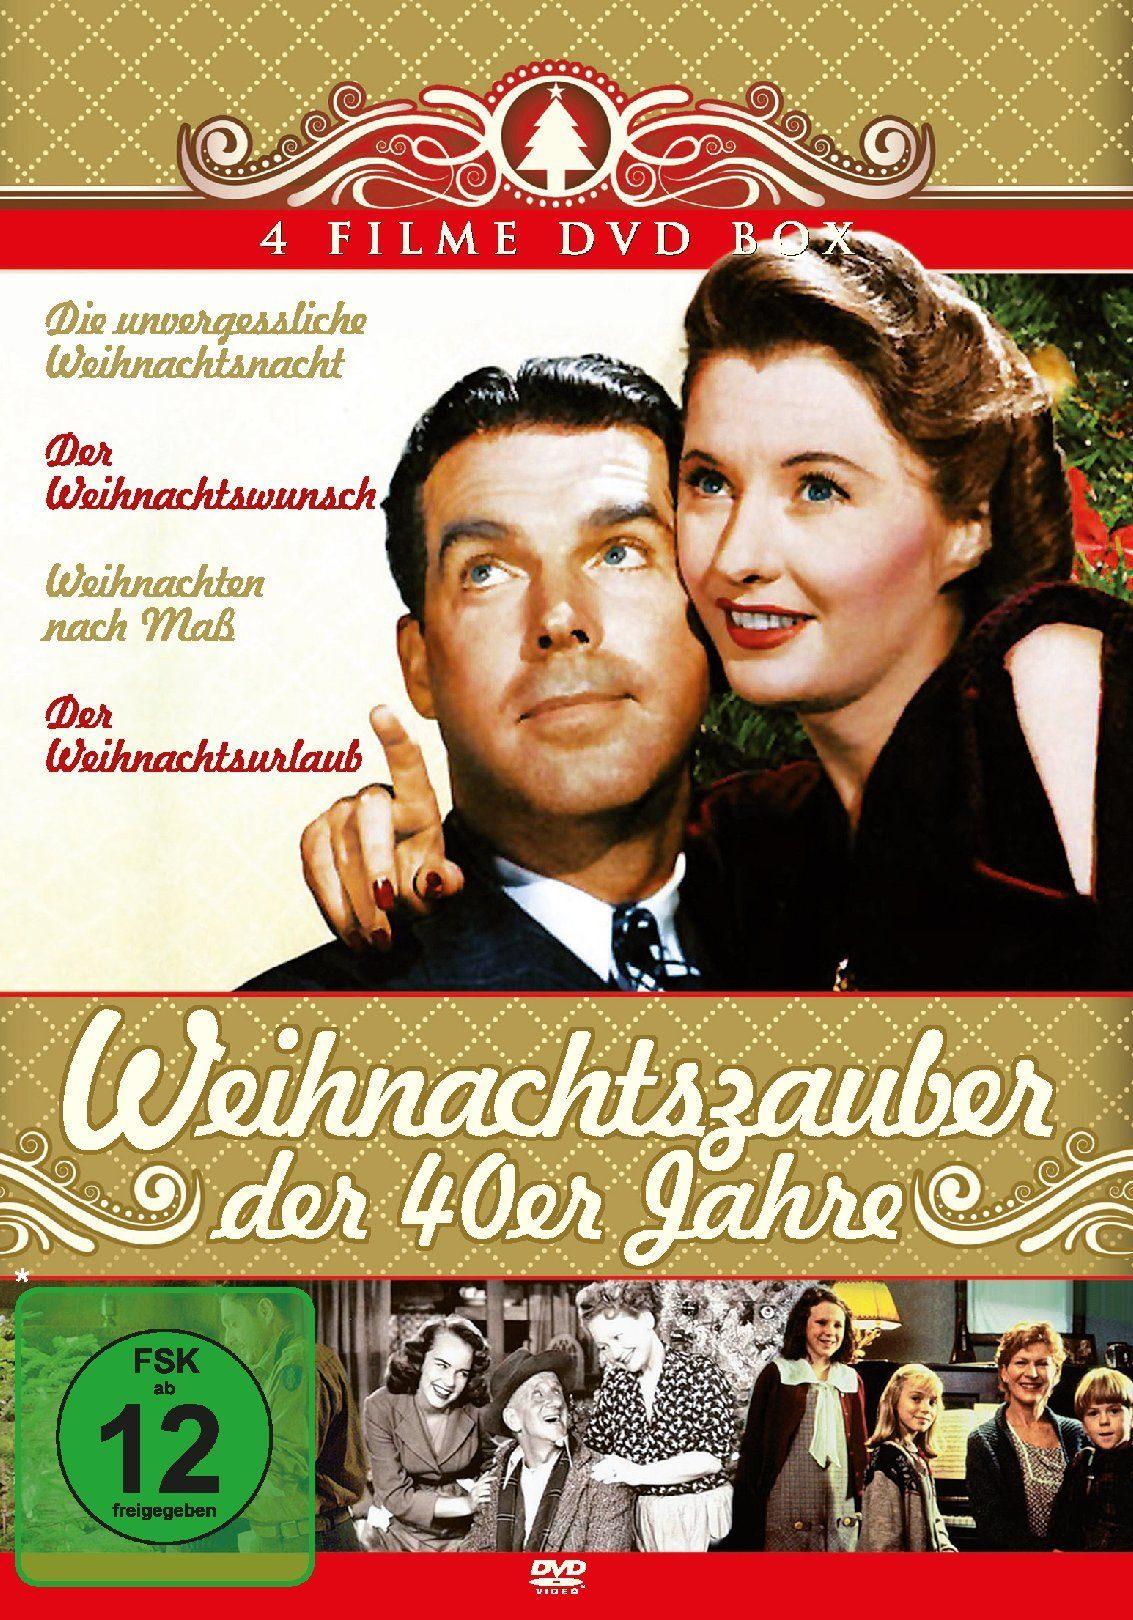 EuroVideo Weihnachtszauber der 40er Jahre »DVD«